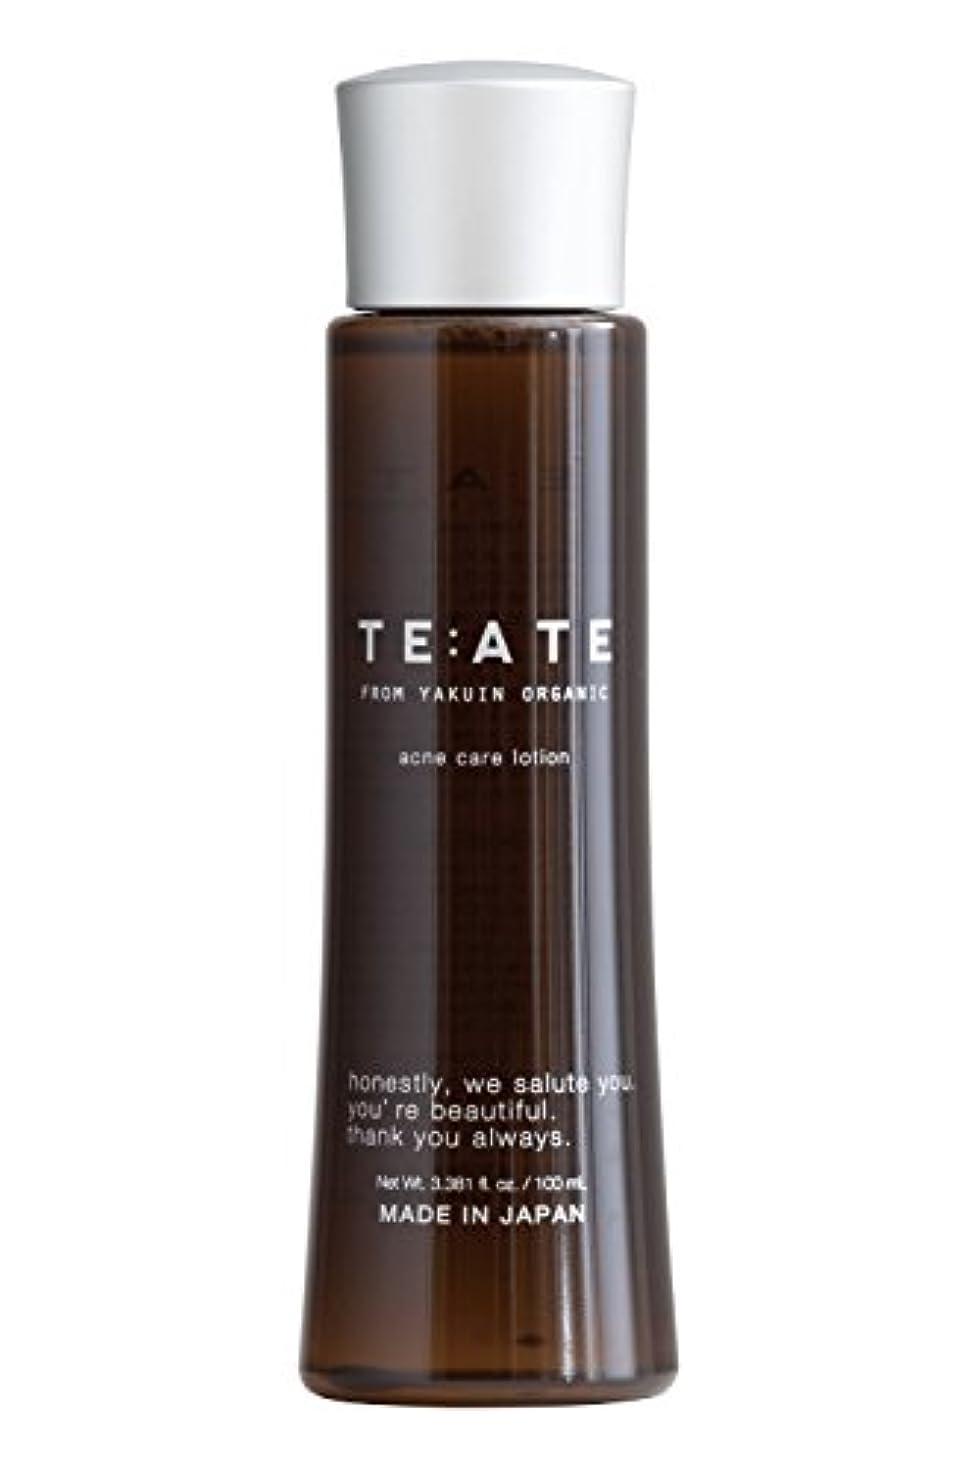 フルーツ複製インタネットを見るTE:ATE (テアテ) ニキビケア 化粧水 (医薬部外品)